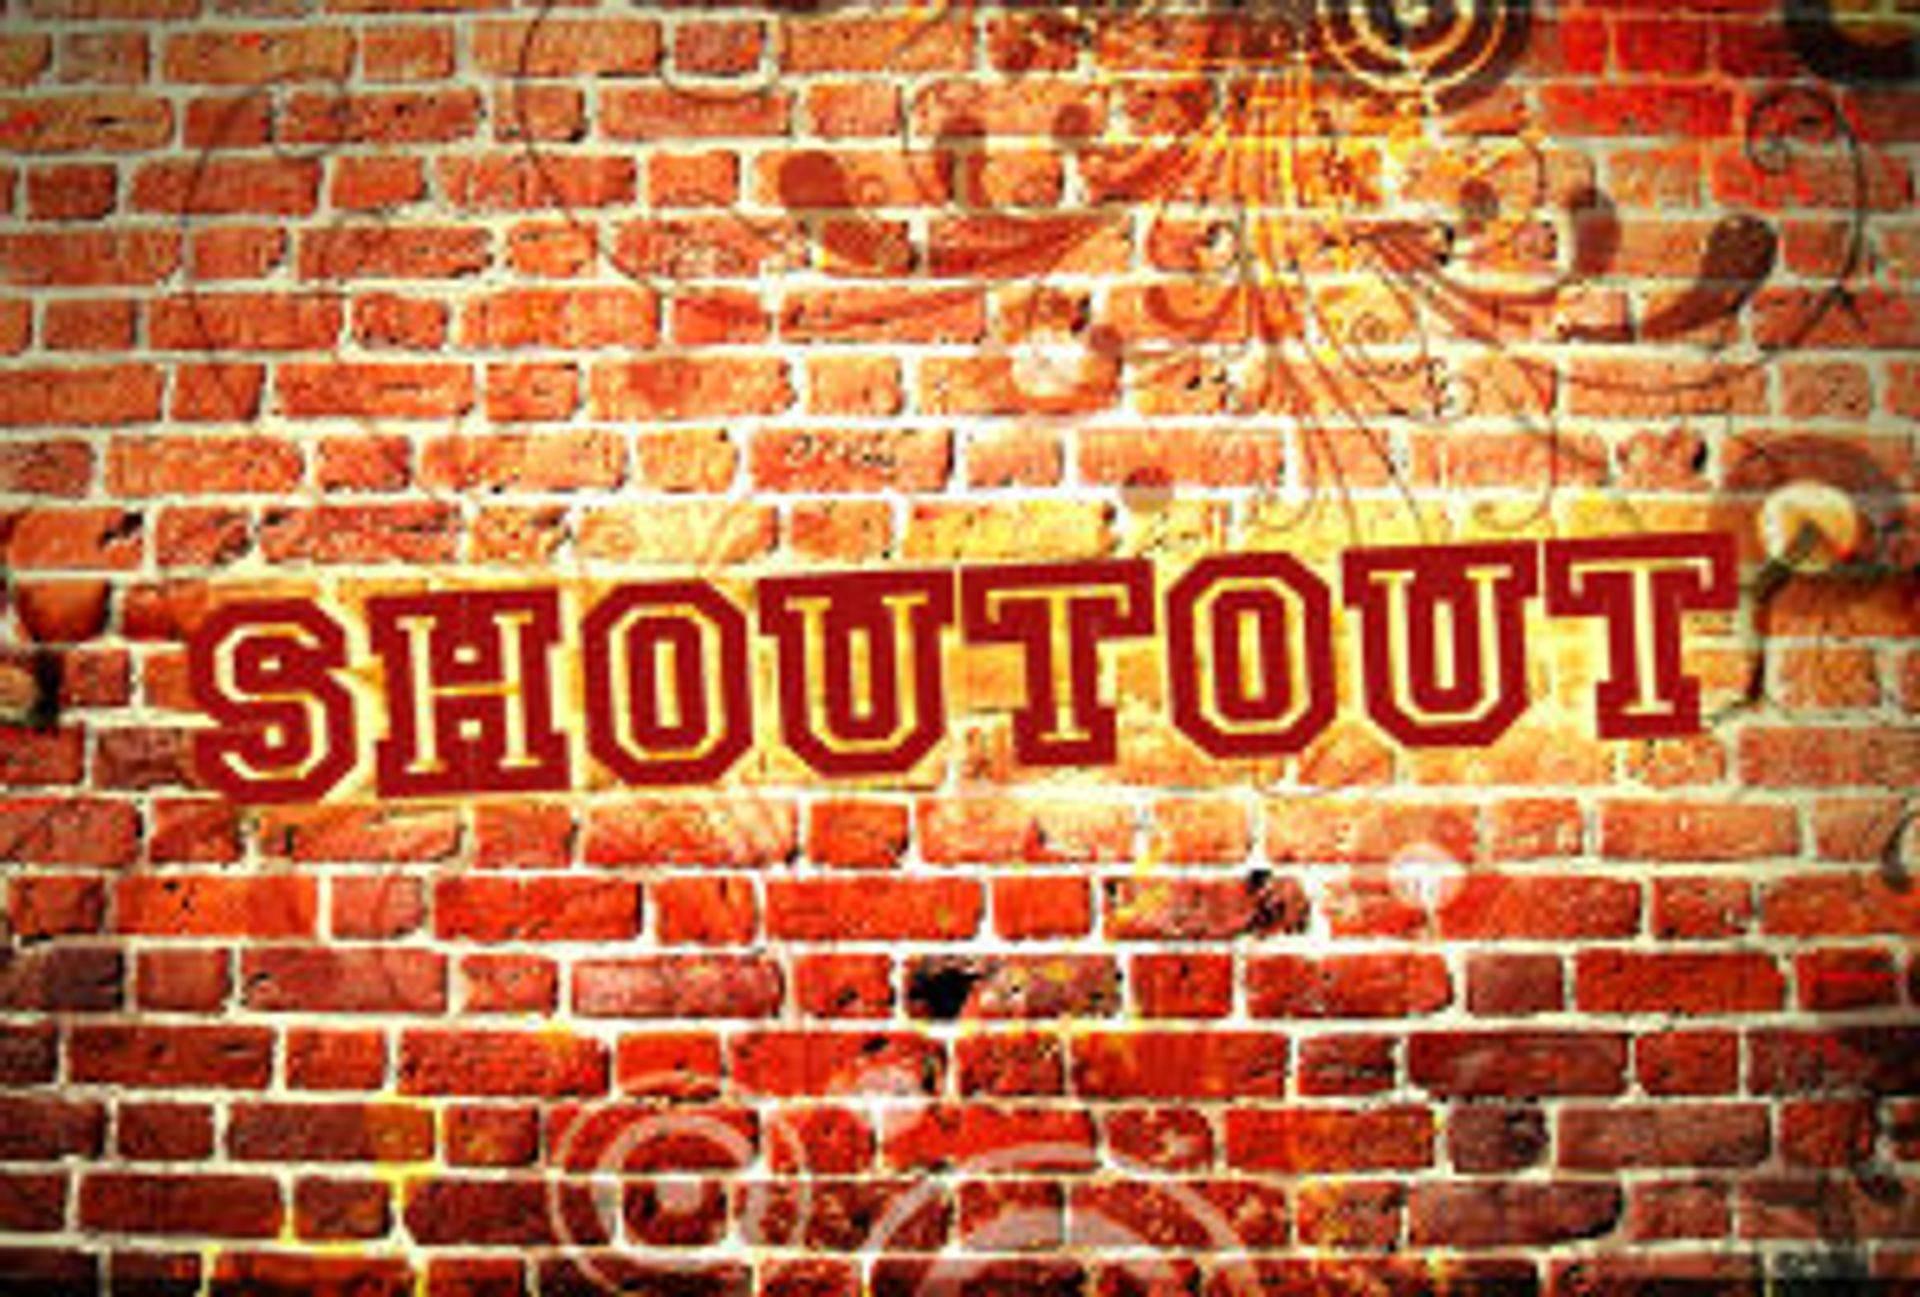 Twitter Shoutouts! Gain more followers!